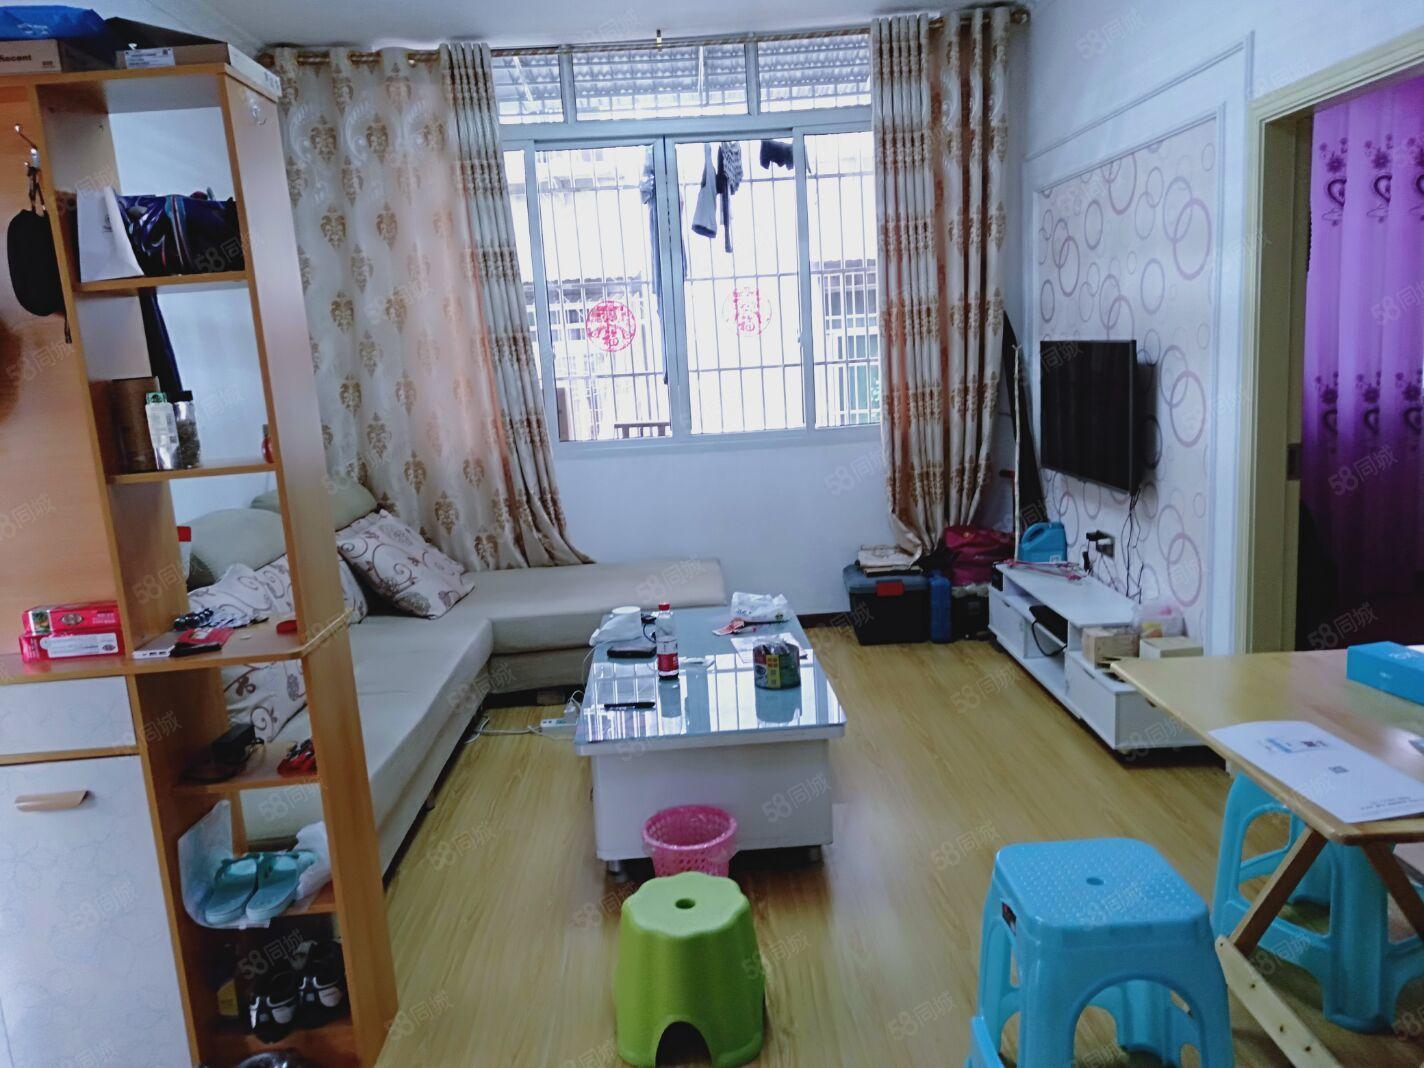 便宜卖成龙街3楼精致2室1厅60平米家具电器齐全关门卖